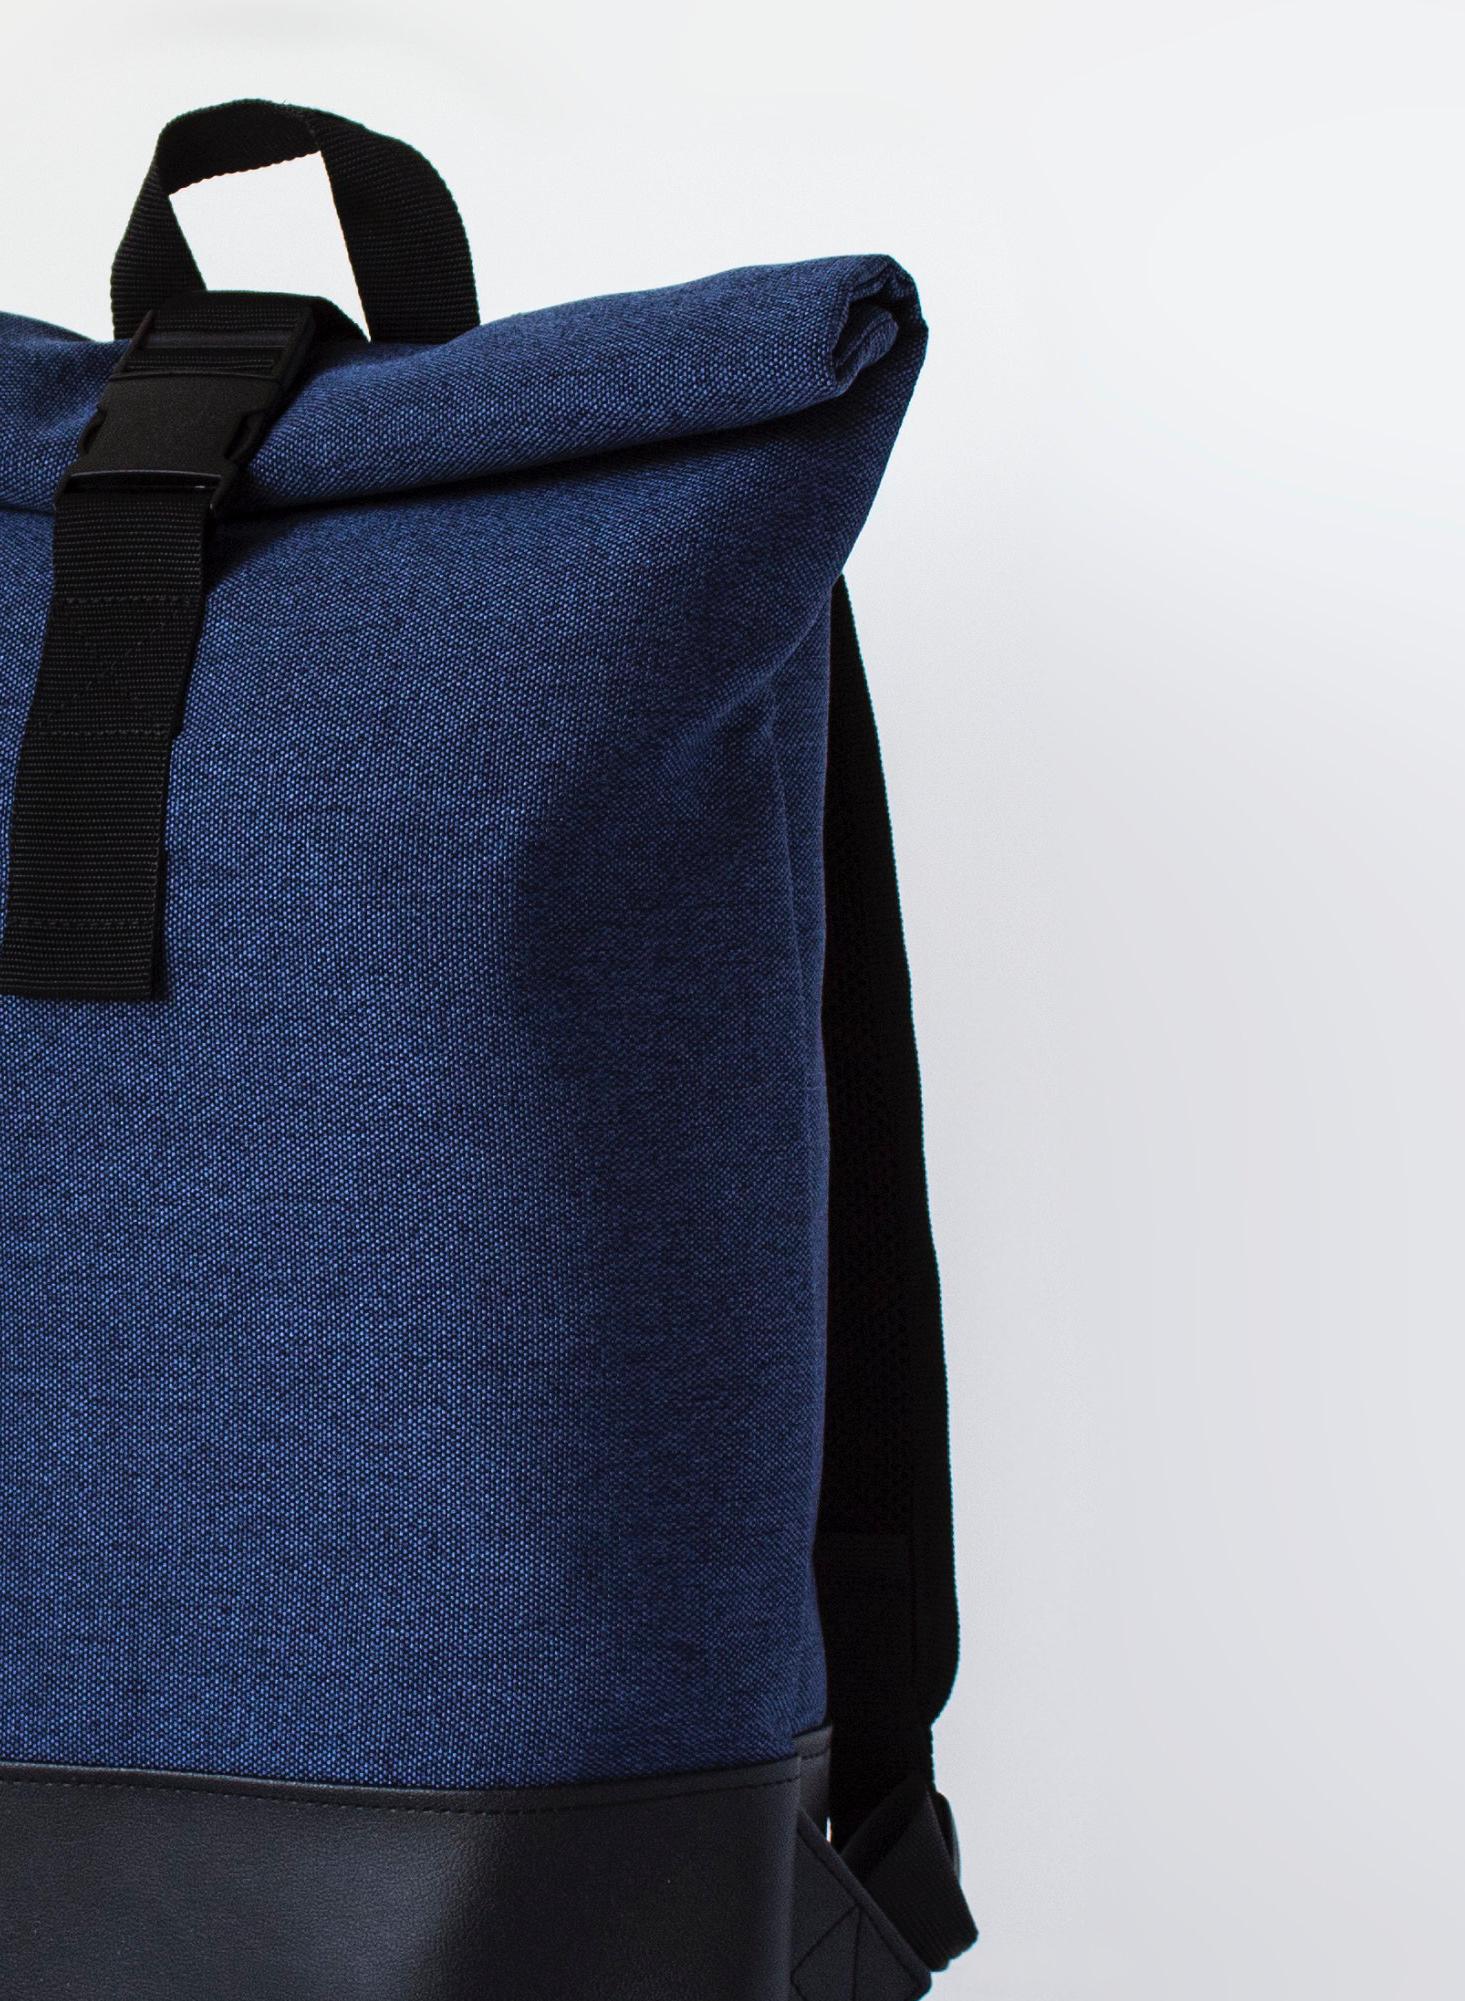 Polyester recyclé - Le polyester recyclé est fabriqué à partir de matériaux recyclés (tissus PET et polyester). En choisissant du polyester recyclé, nous sommes en mesure de fournir les mêmes performances techniques que les matières habituelles tout en ayant une empreinte carbone plus responsable.Provenance: Espagne